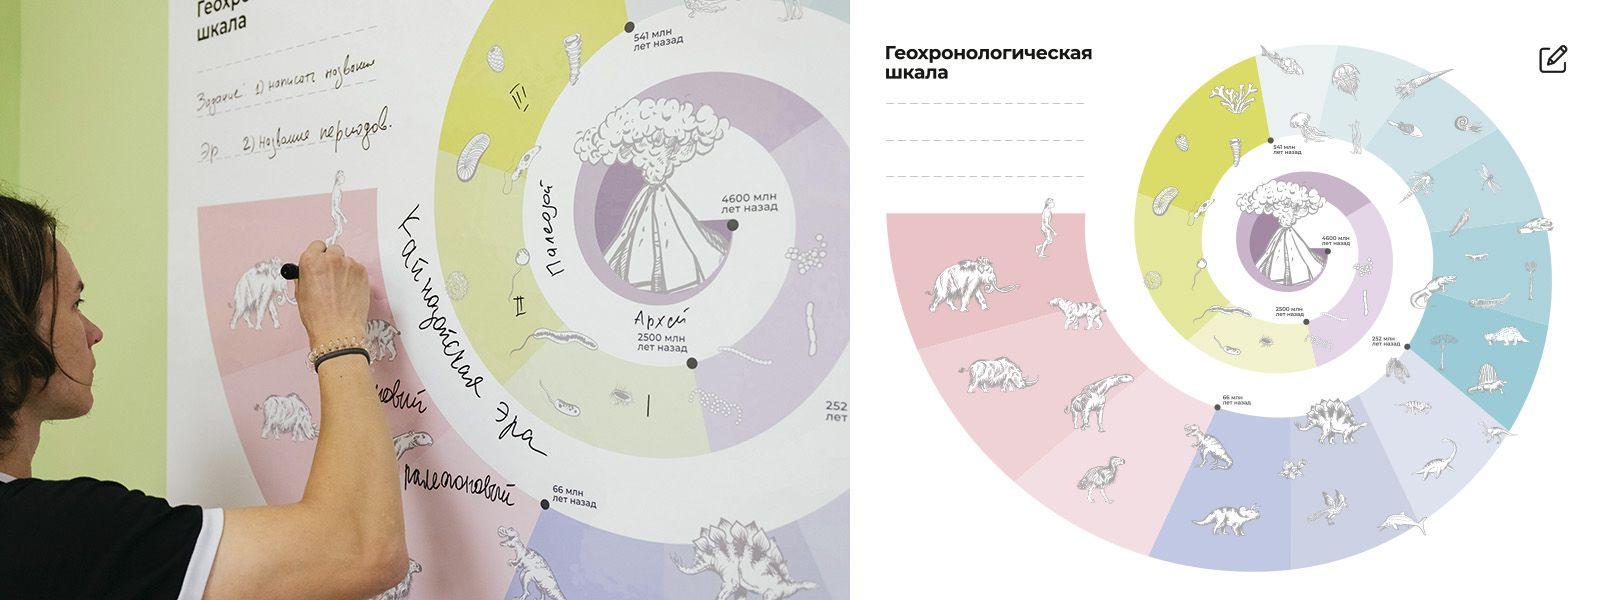 геохронологическая шкала маркерная